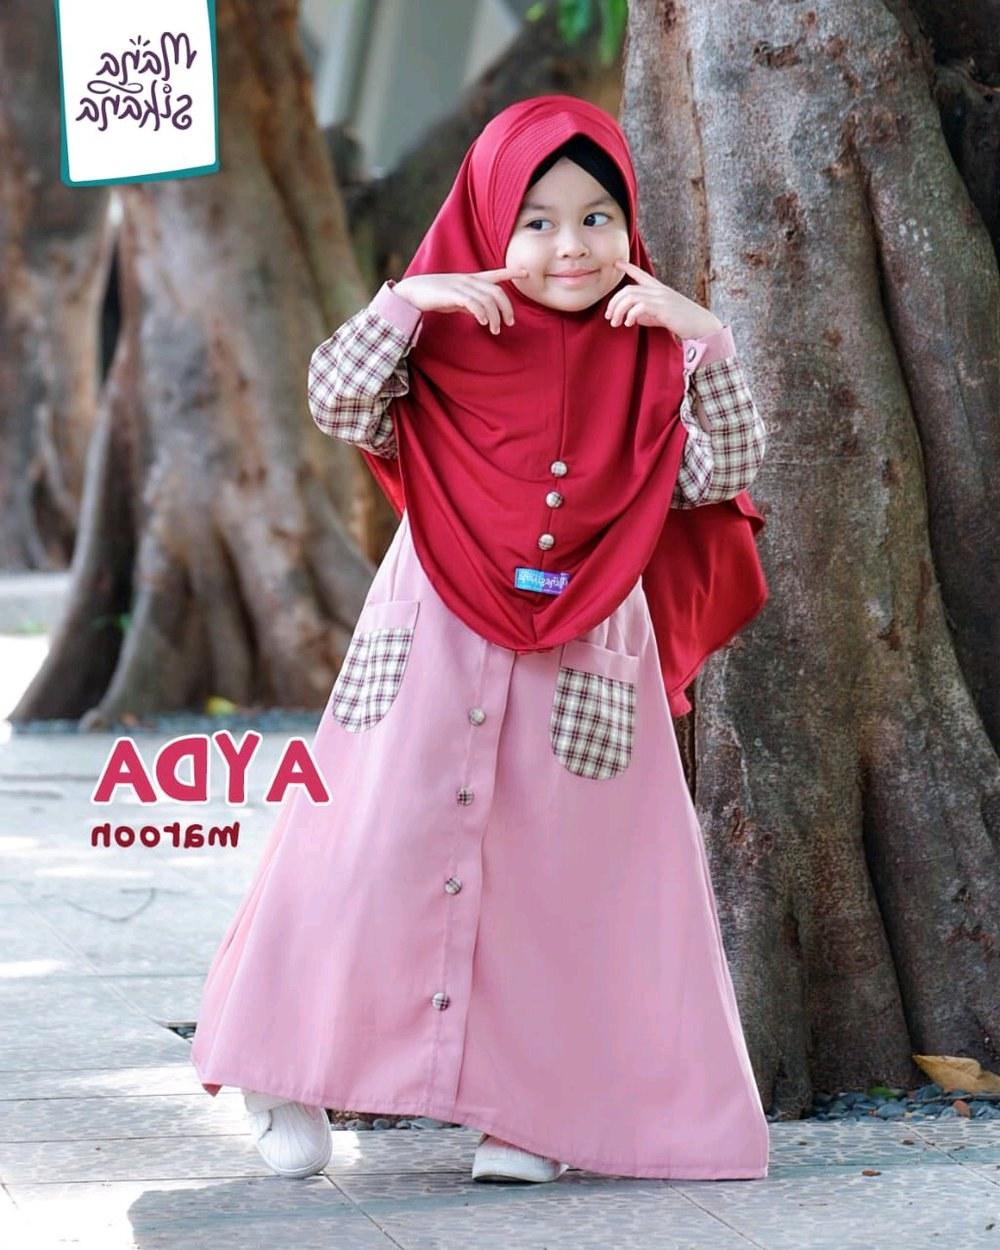 Ide Baju Pengantin Adat Jawa Muslim X8d1 Tangga Elektronik 1111